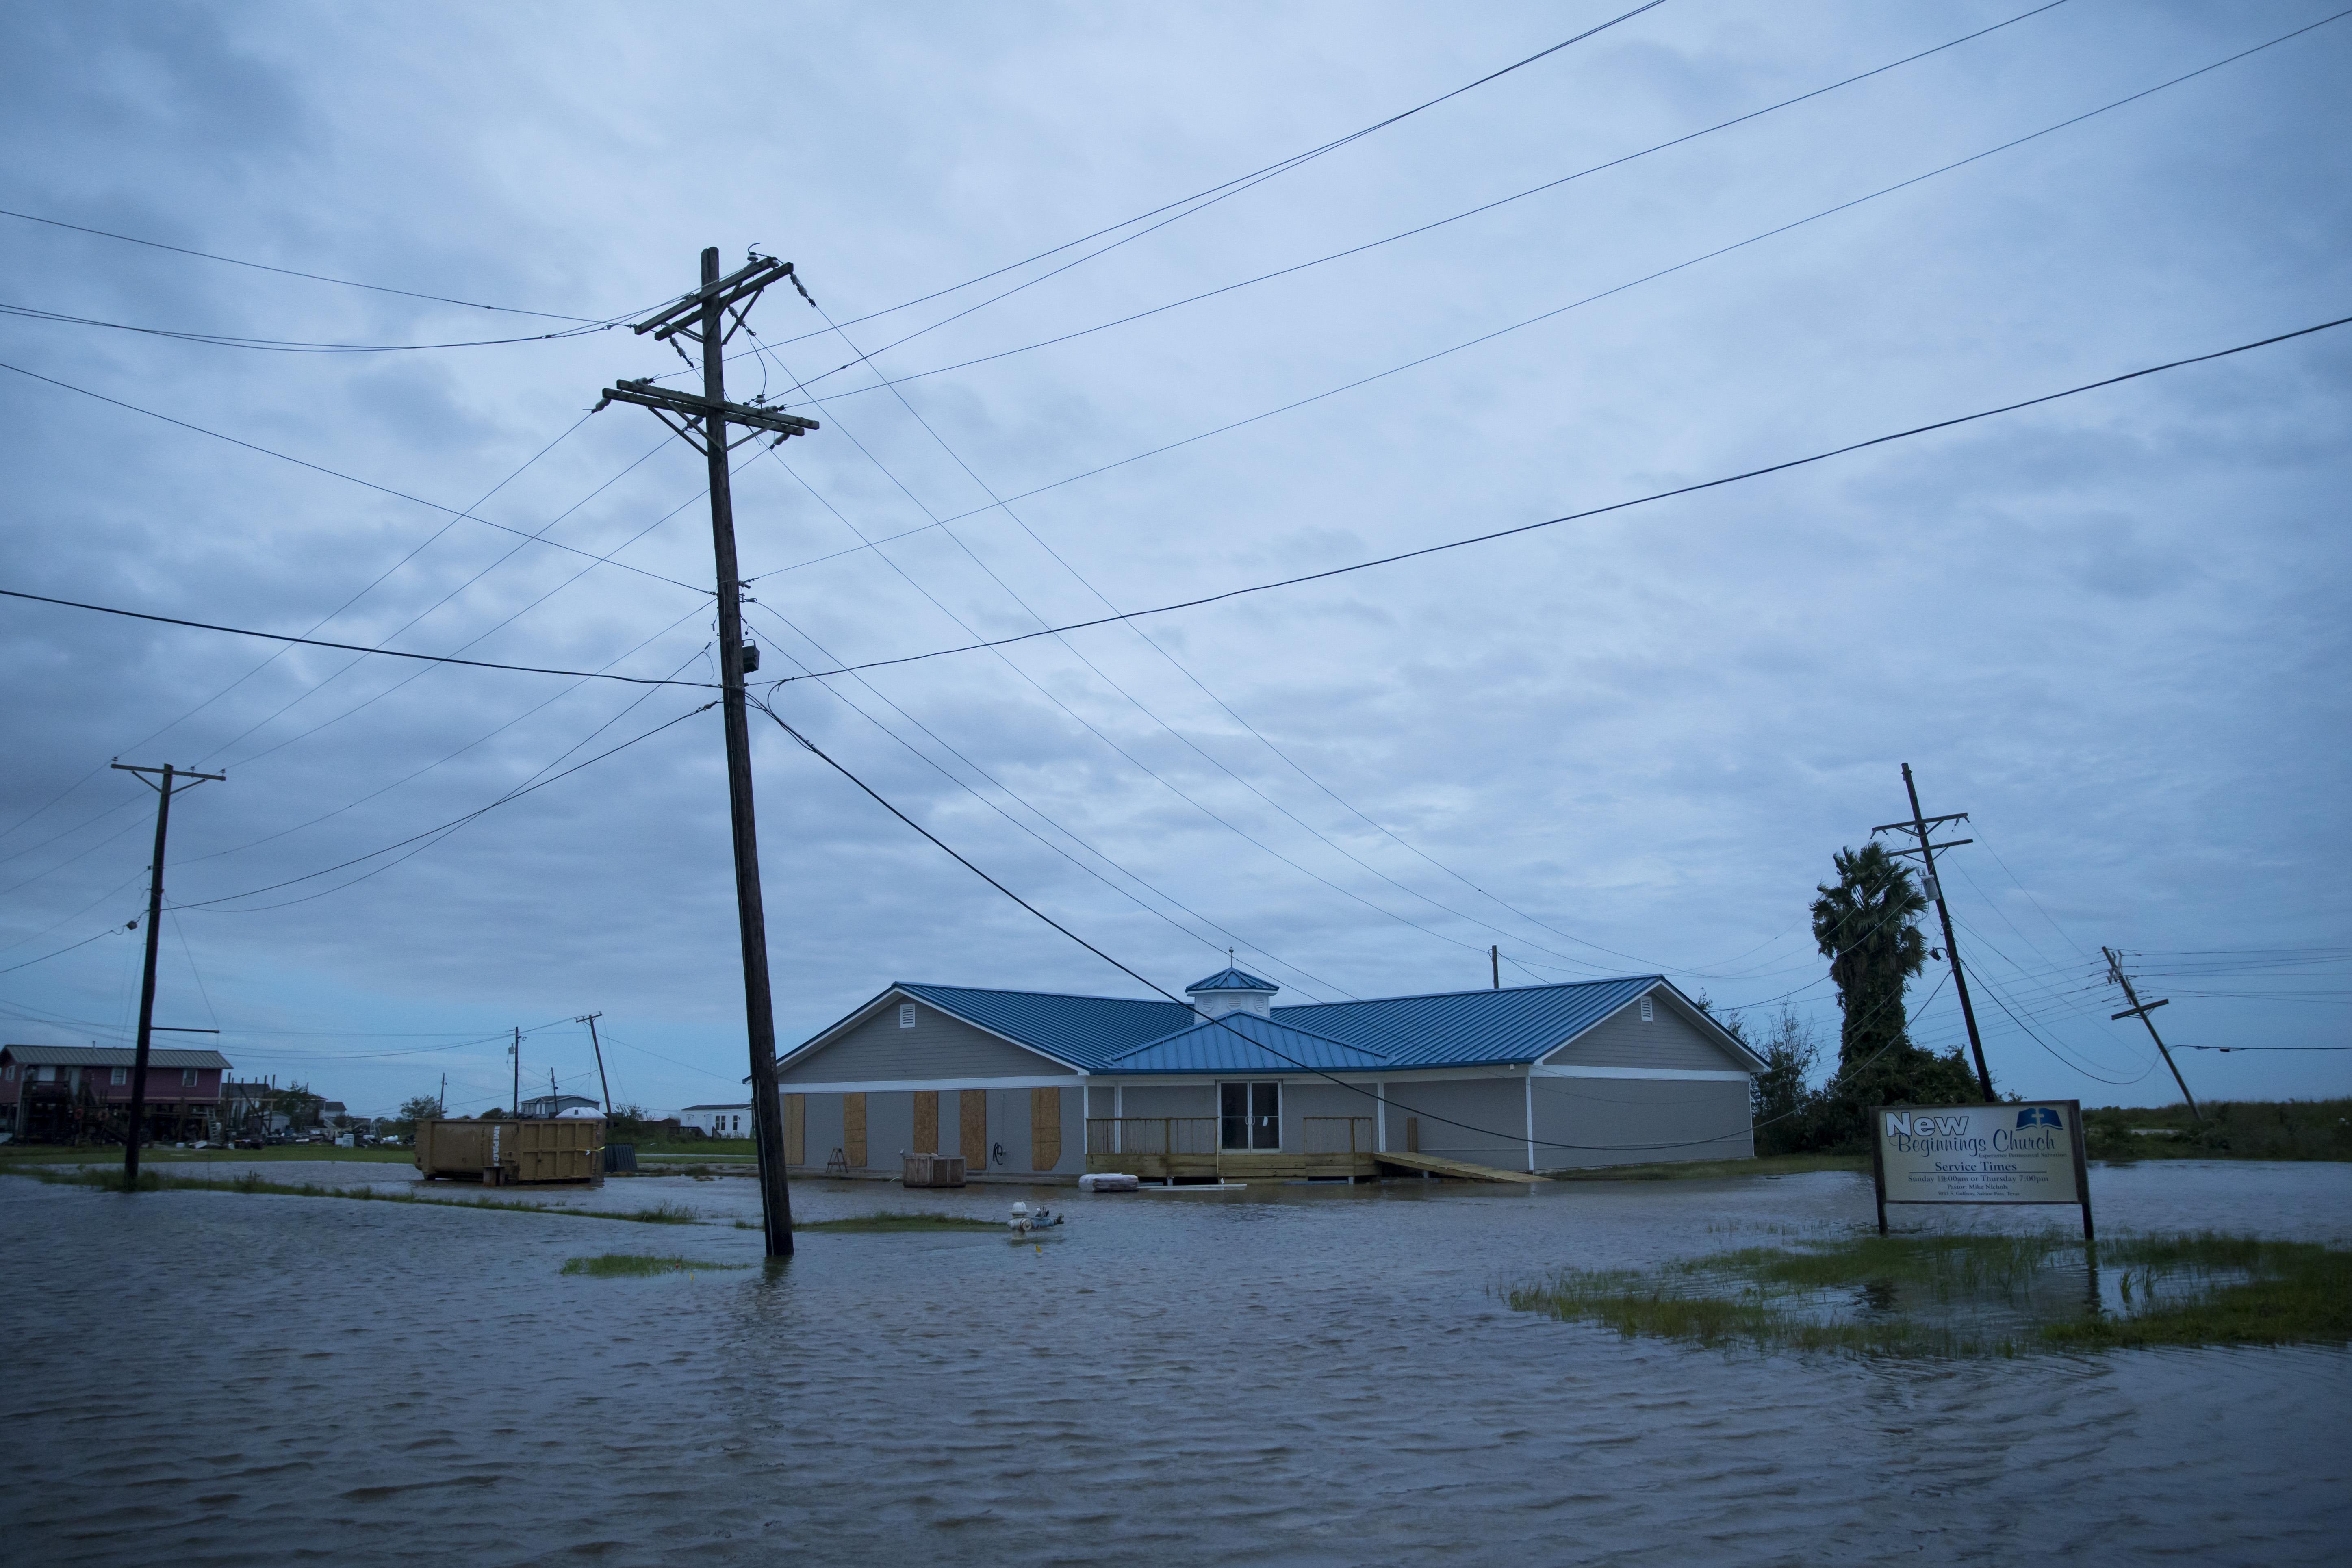 Inundaciones causadas por el huracán Laura el 27 de agosto de 2020 en Sabine Pass, Texas (Eric Thayer/Getty Images/AFP)